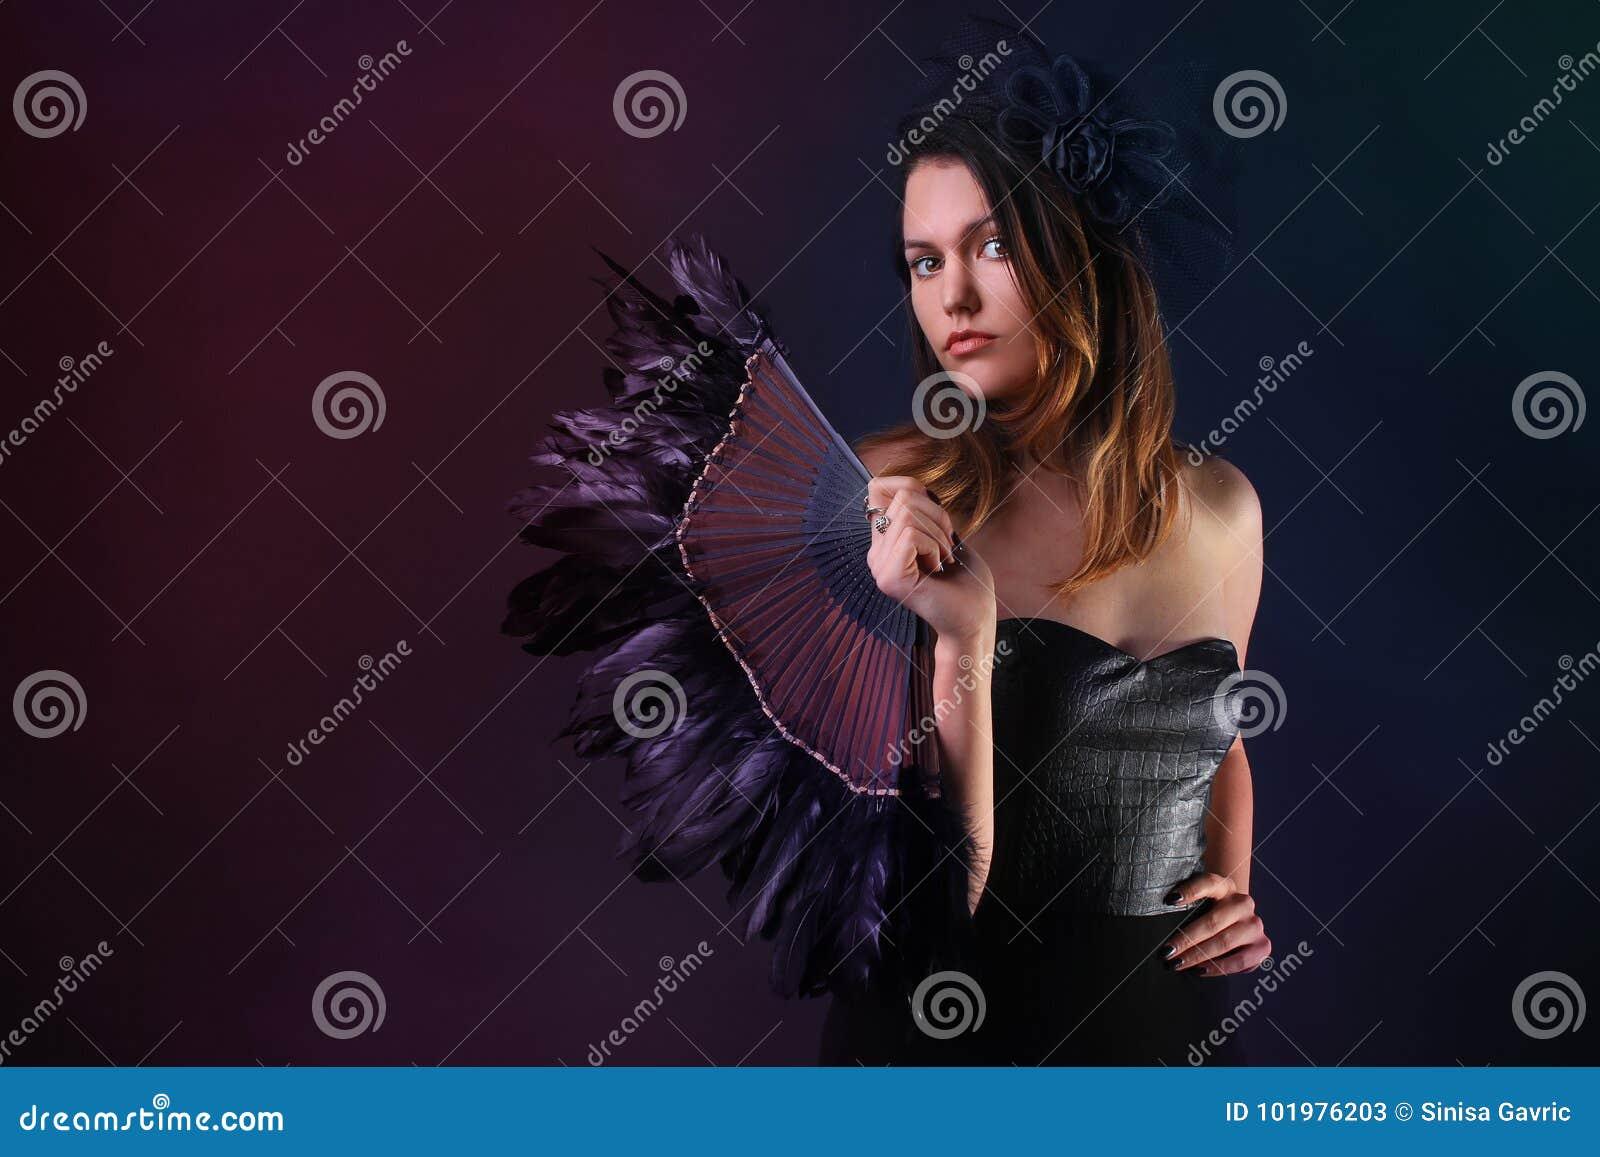 γυναίκα για τους μαύρους πανέμορφο λεσβιακό μουνί